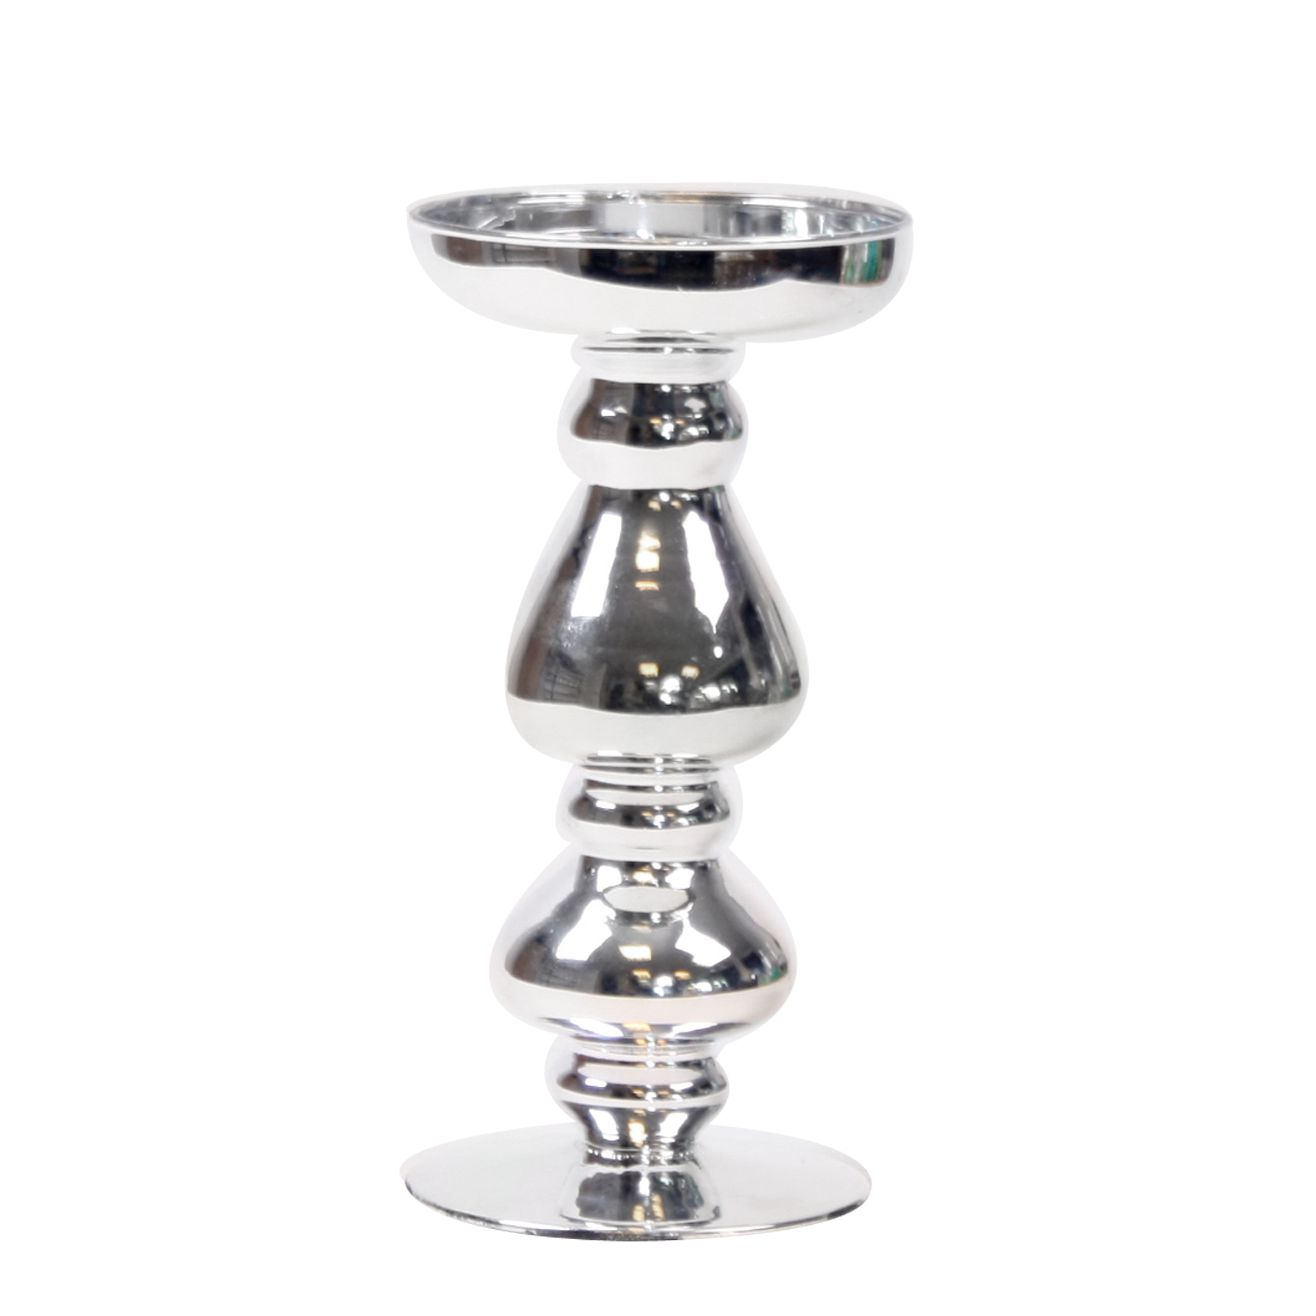 Glas Kerzenhalter Silber Preis Vergleich 2016